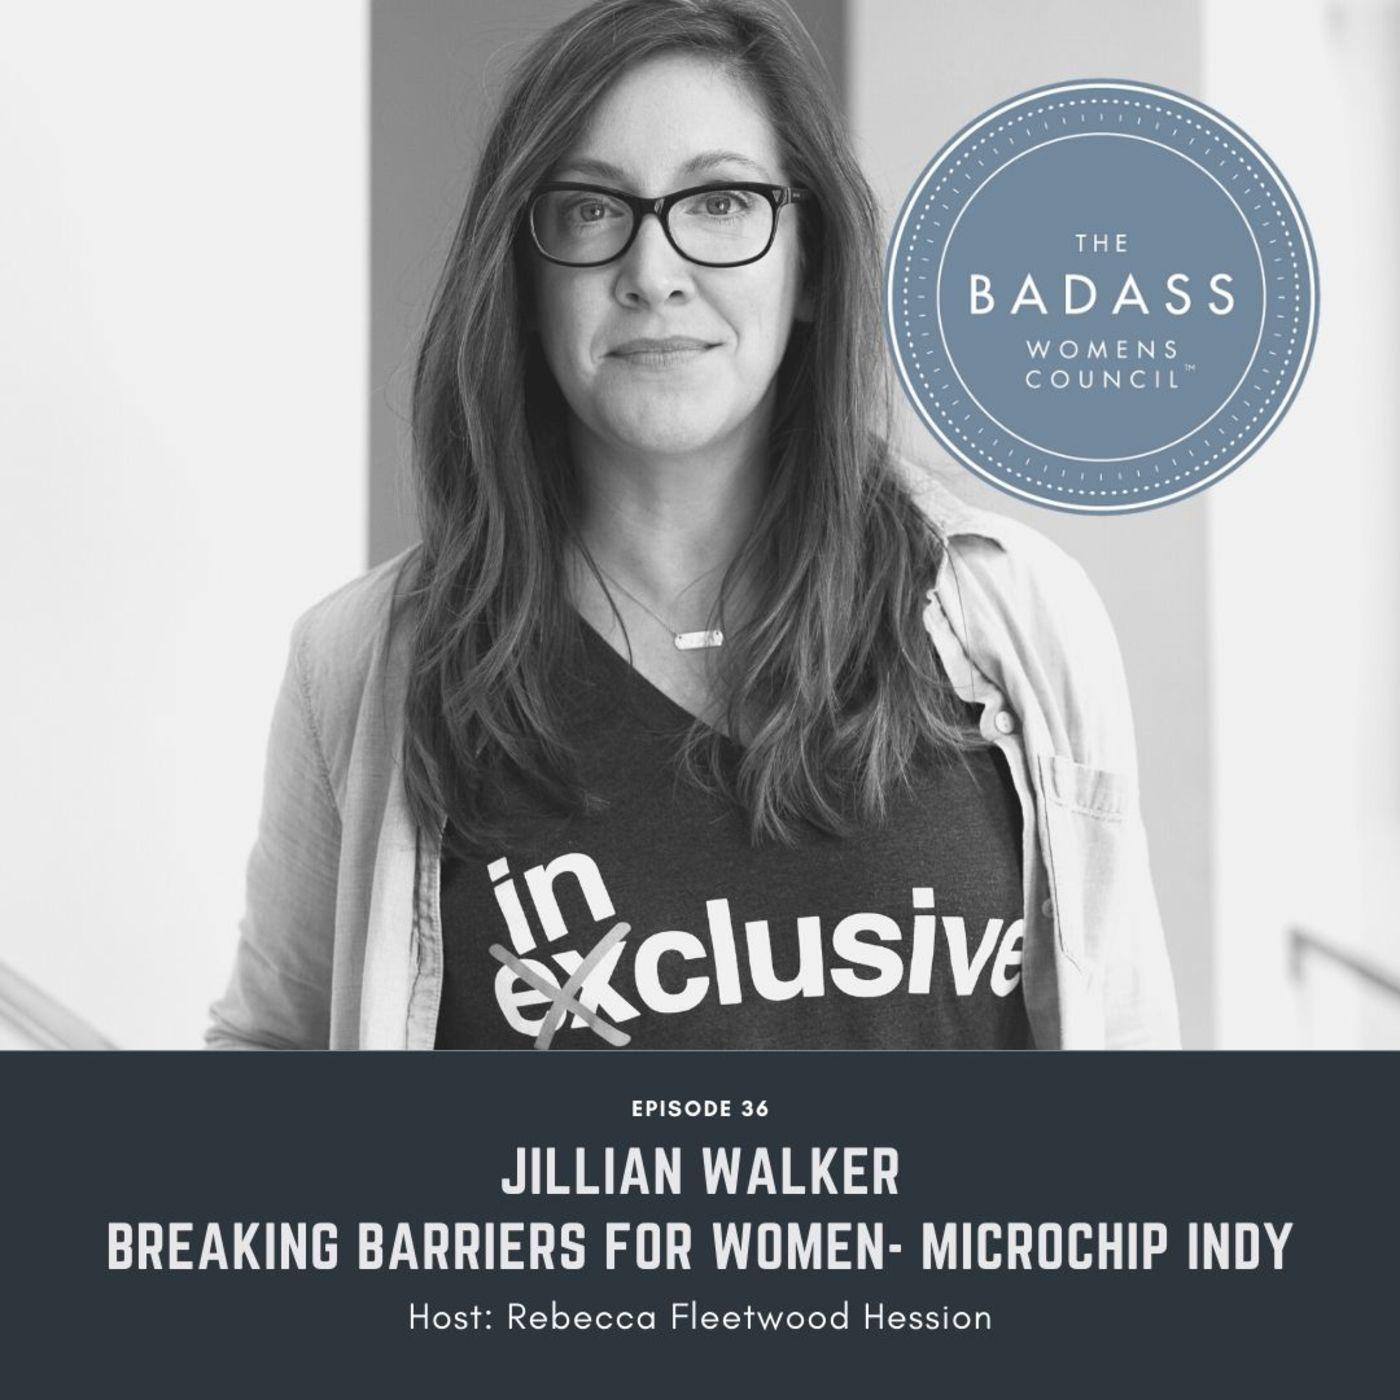 Jillian Walker: Breaking Barriers for Women